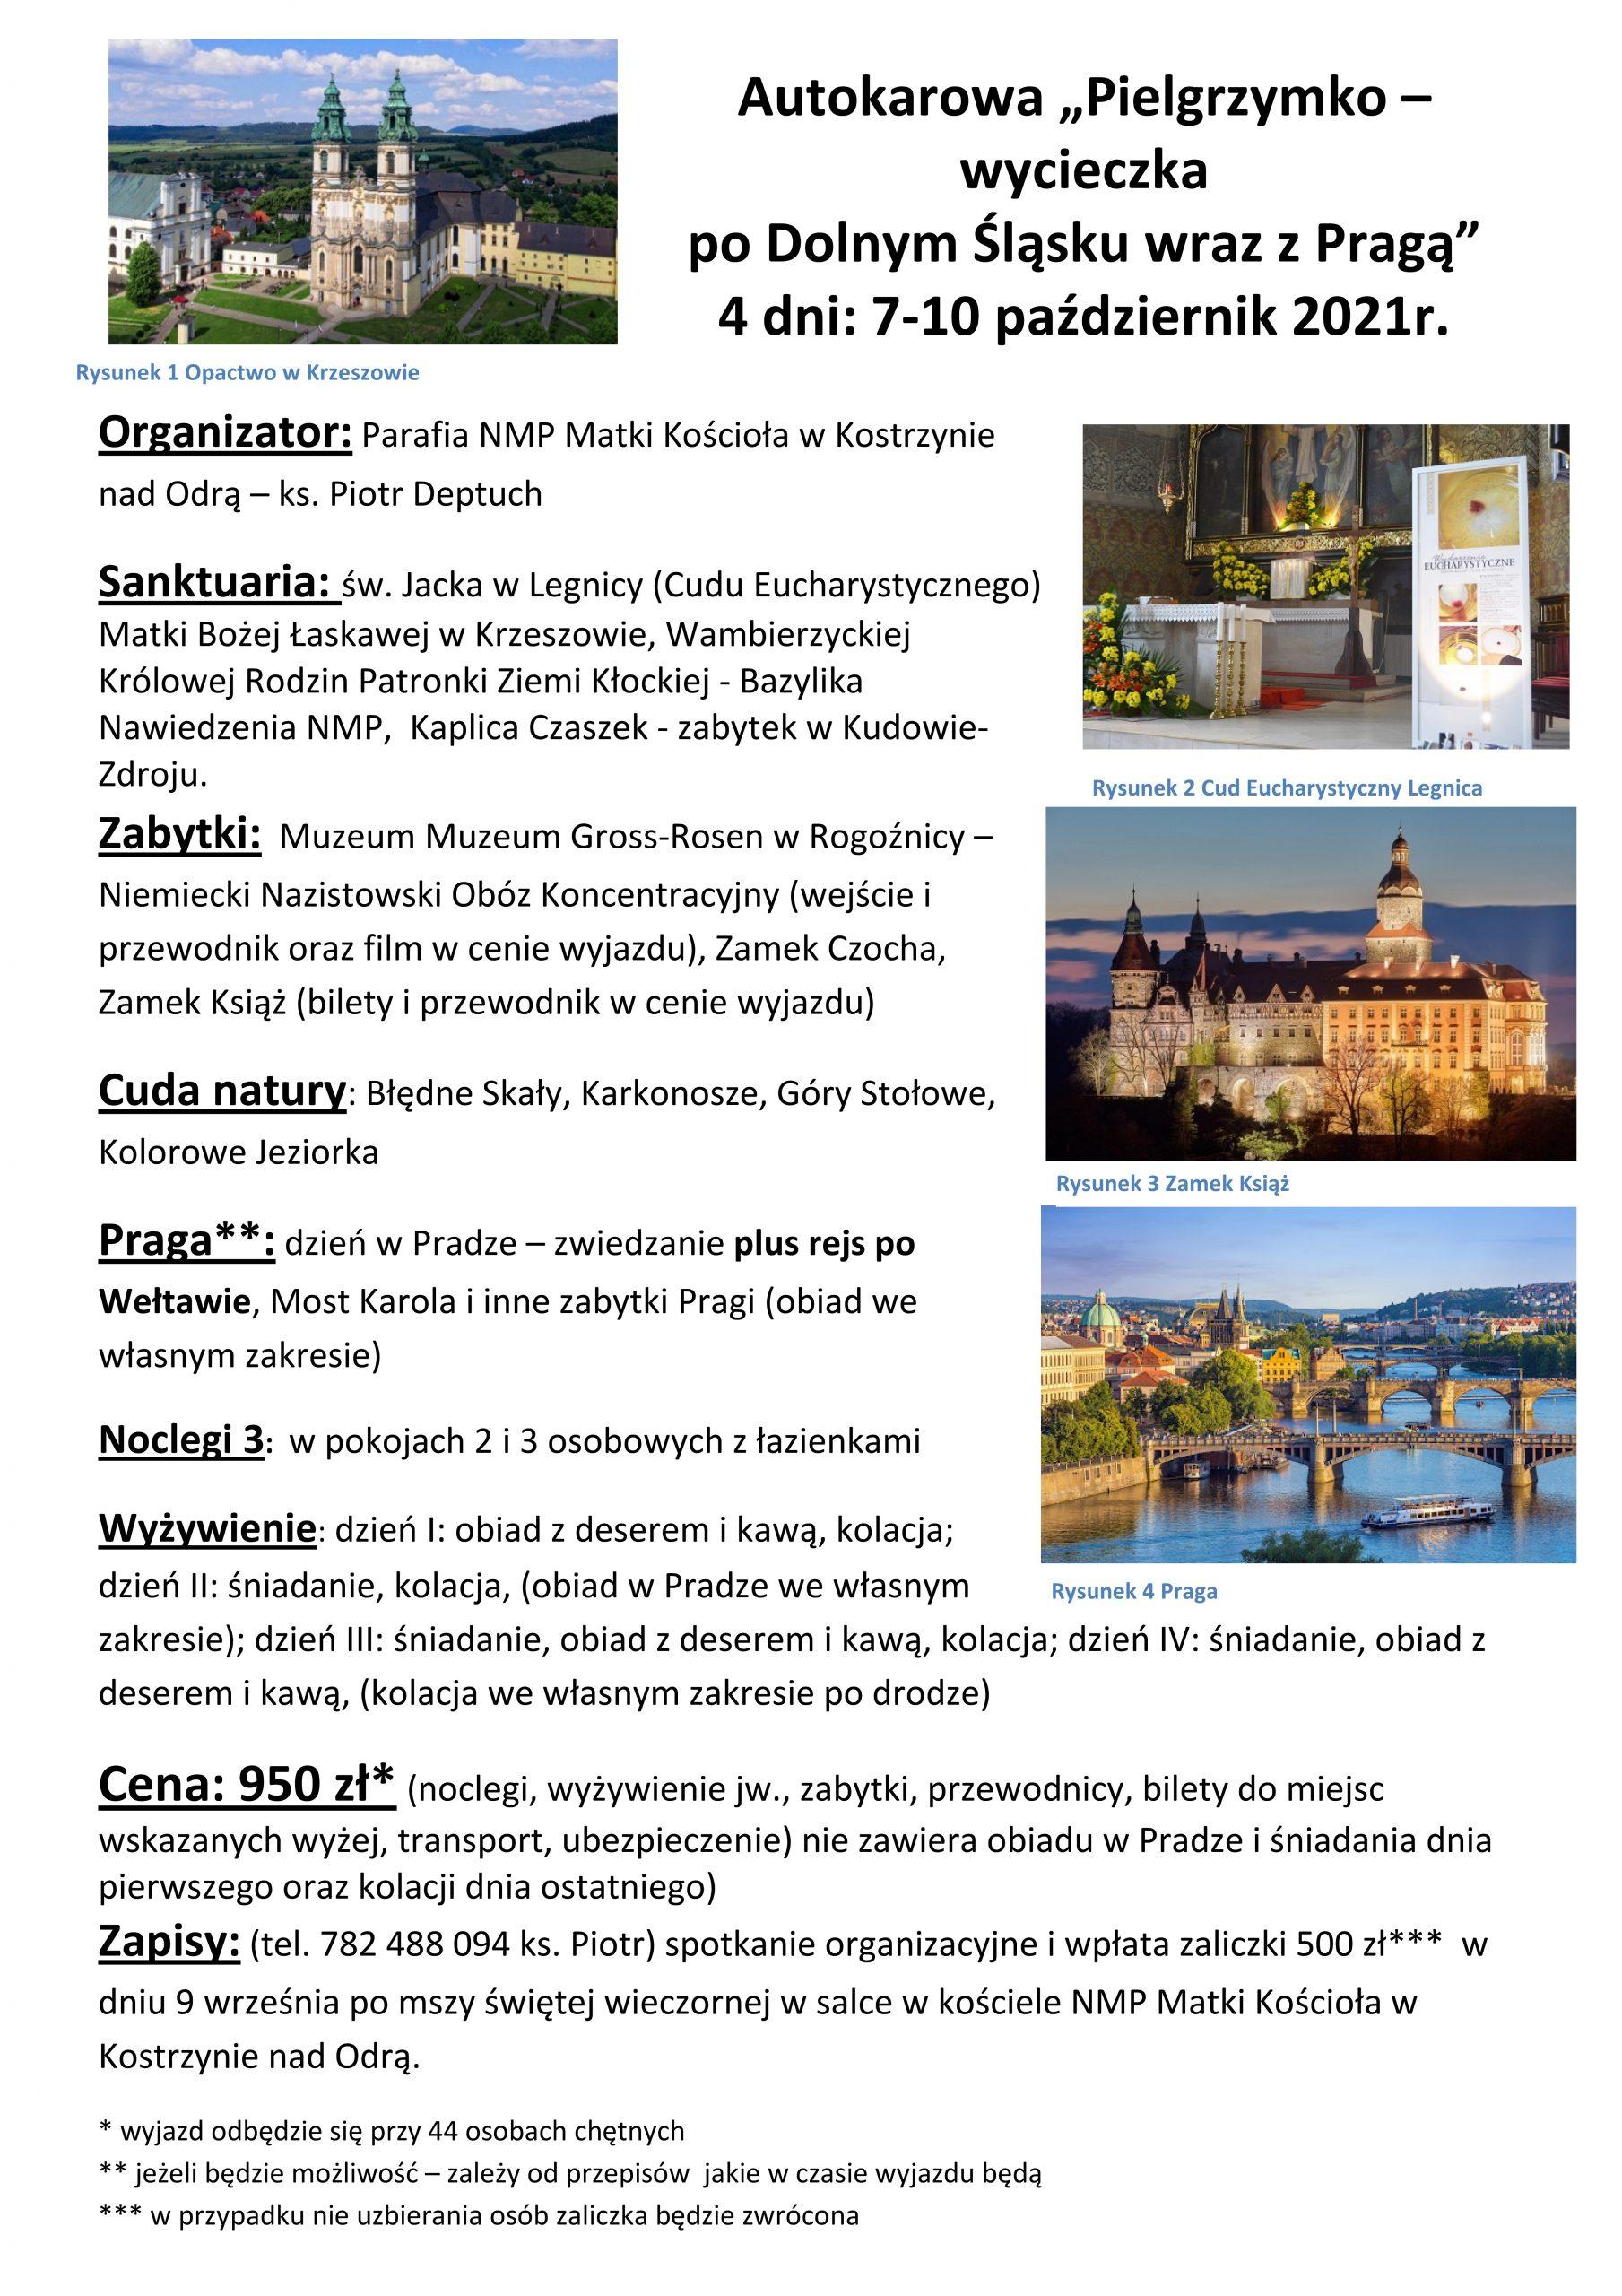 Pielgrzymka po Dolnym Śląsku 7-10 października 2021